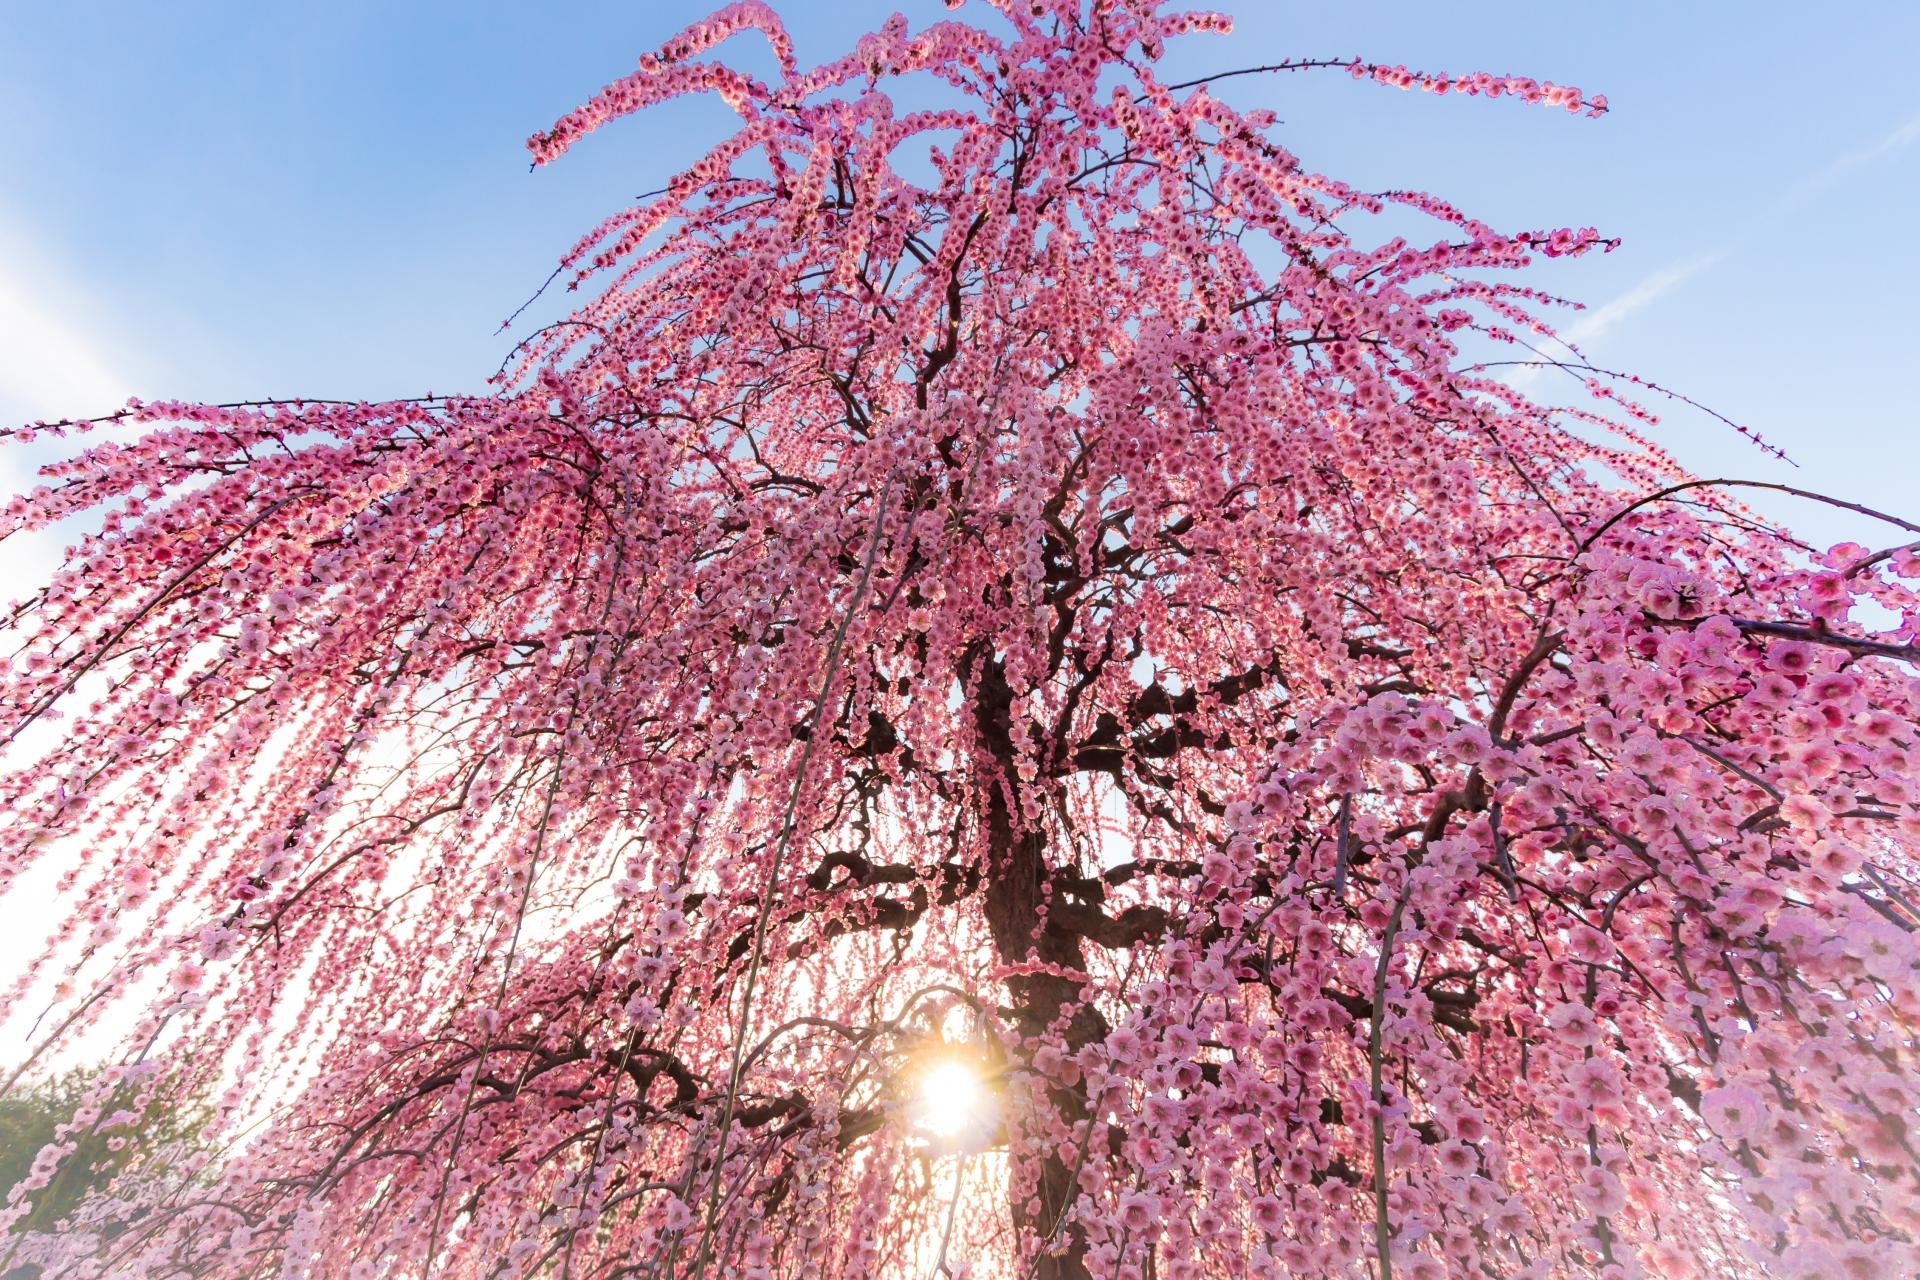 2416478_m 三重県  鈴鹿の森庭園(鈴鹿山脈を背景に彩る梅の絶景スポット! 夜間のライトアップも開催! 写真の紹介、アクセス情報や駐車場情報など)